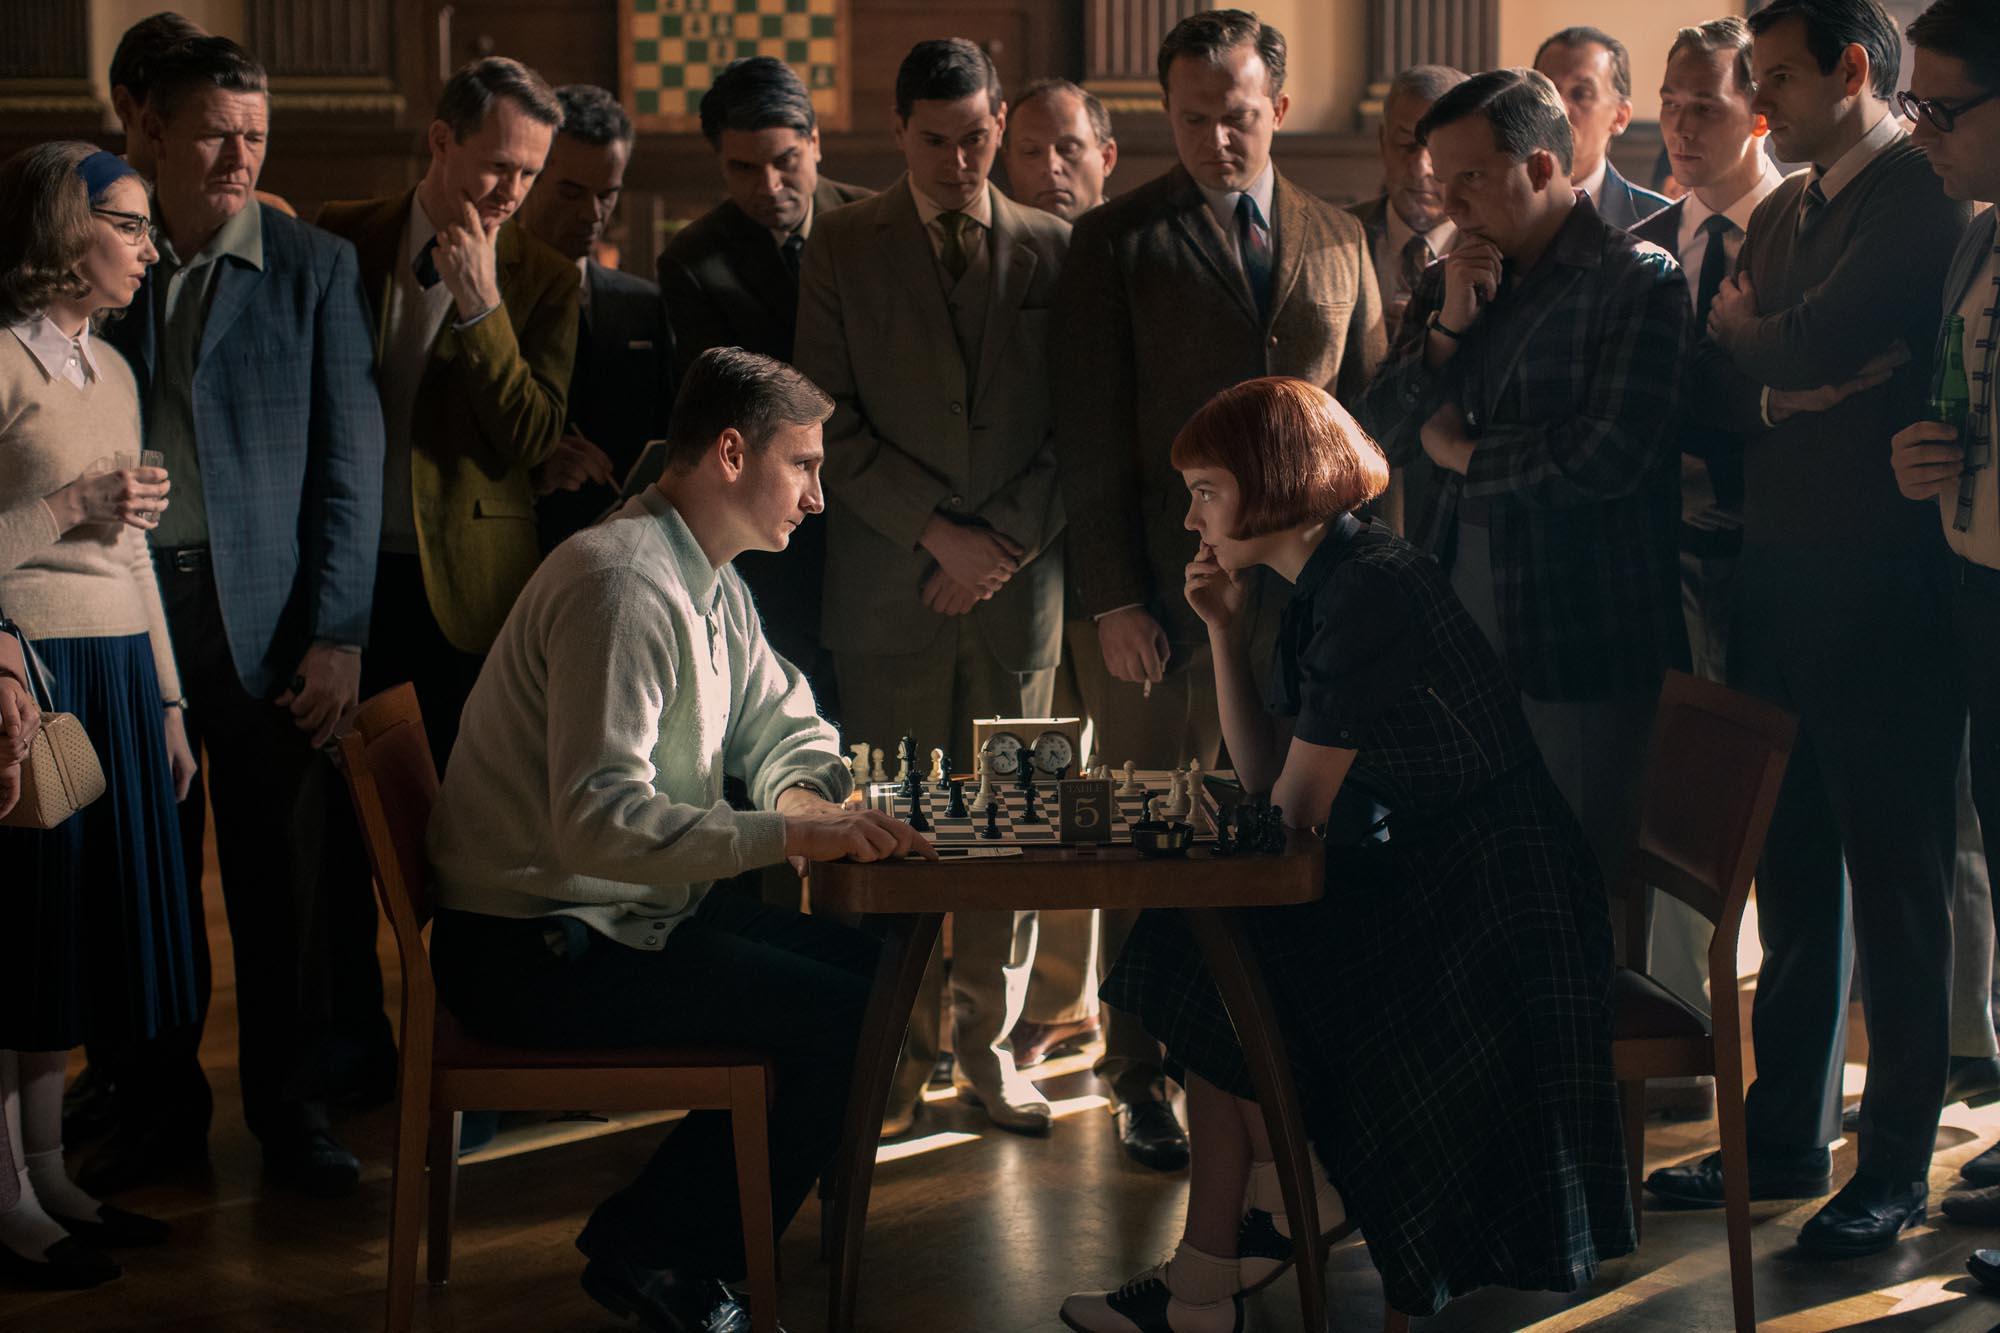 Soundtrack: The Queen's Gambit, de Netflix